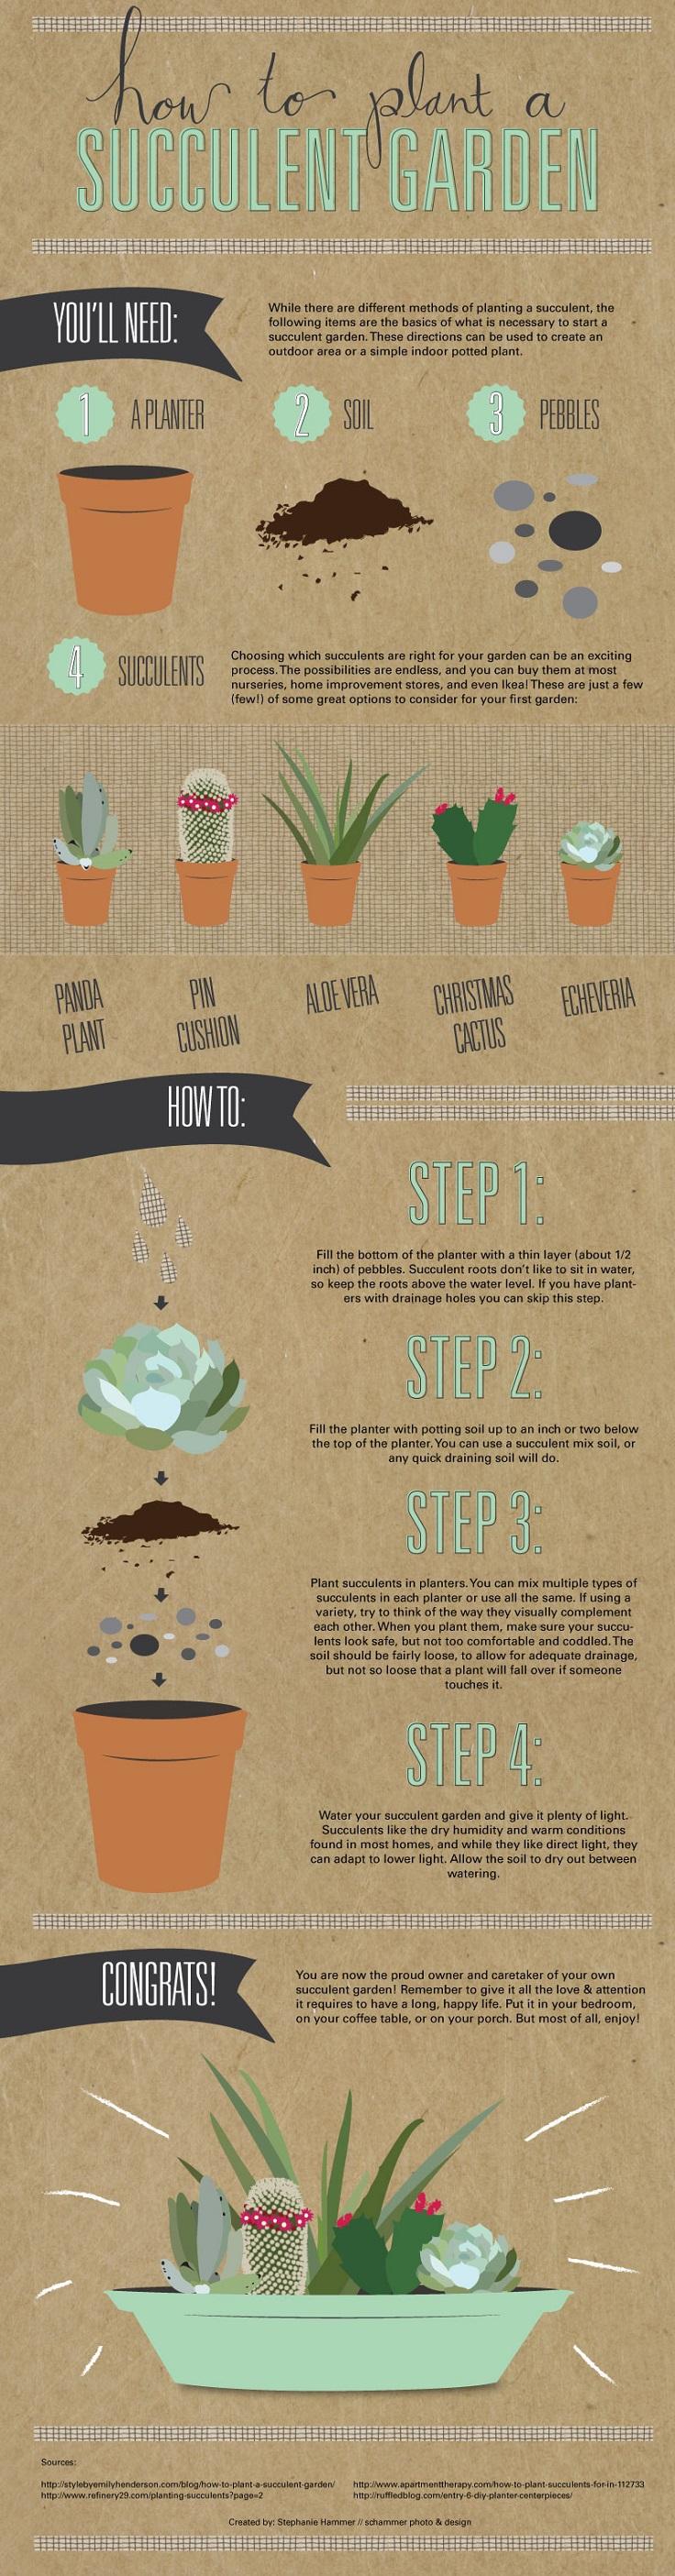 top 10 diy outdoor succulent garden ideas top inspired